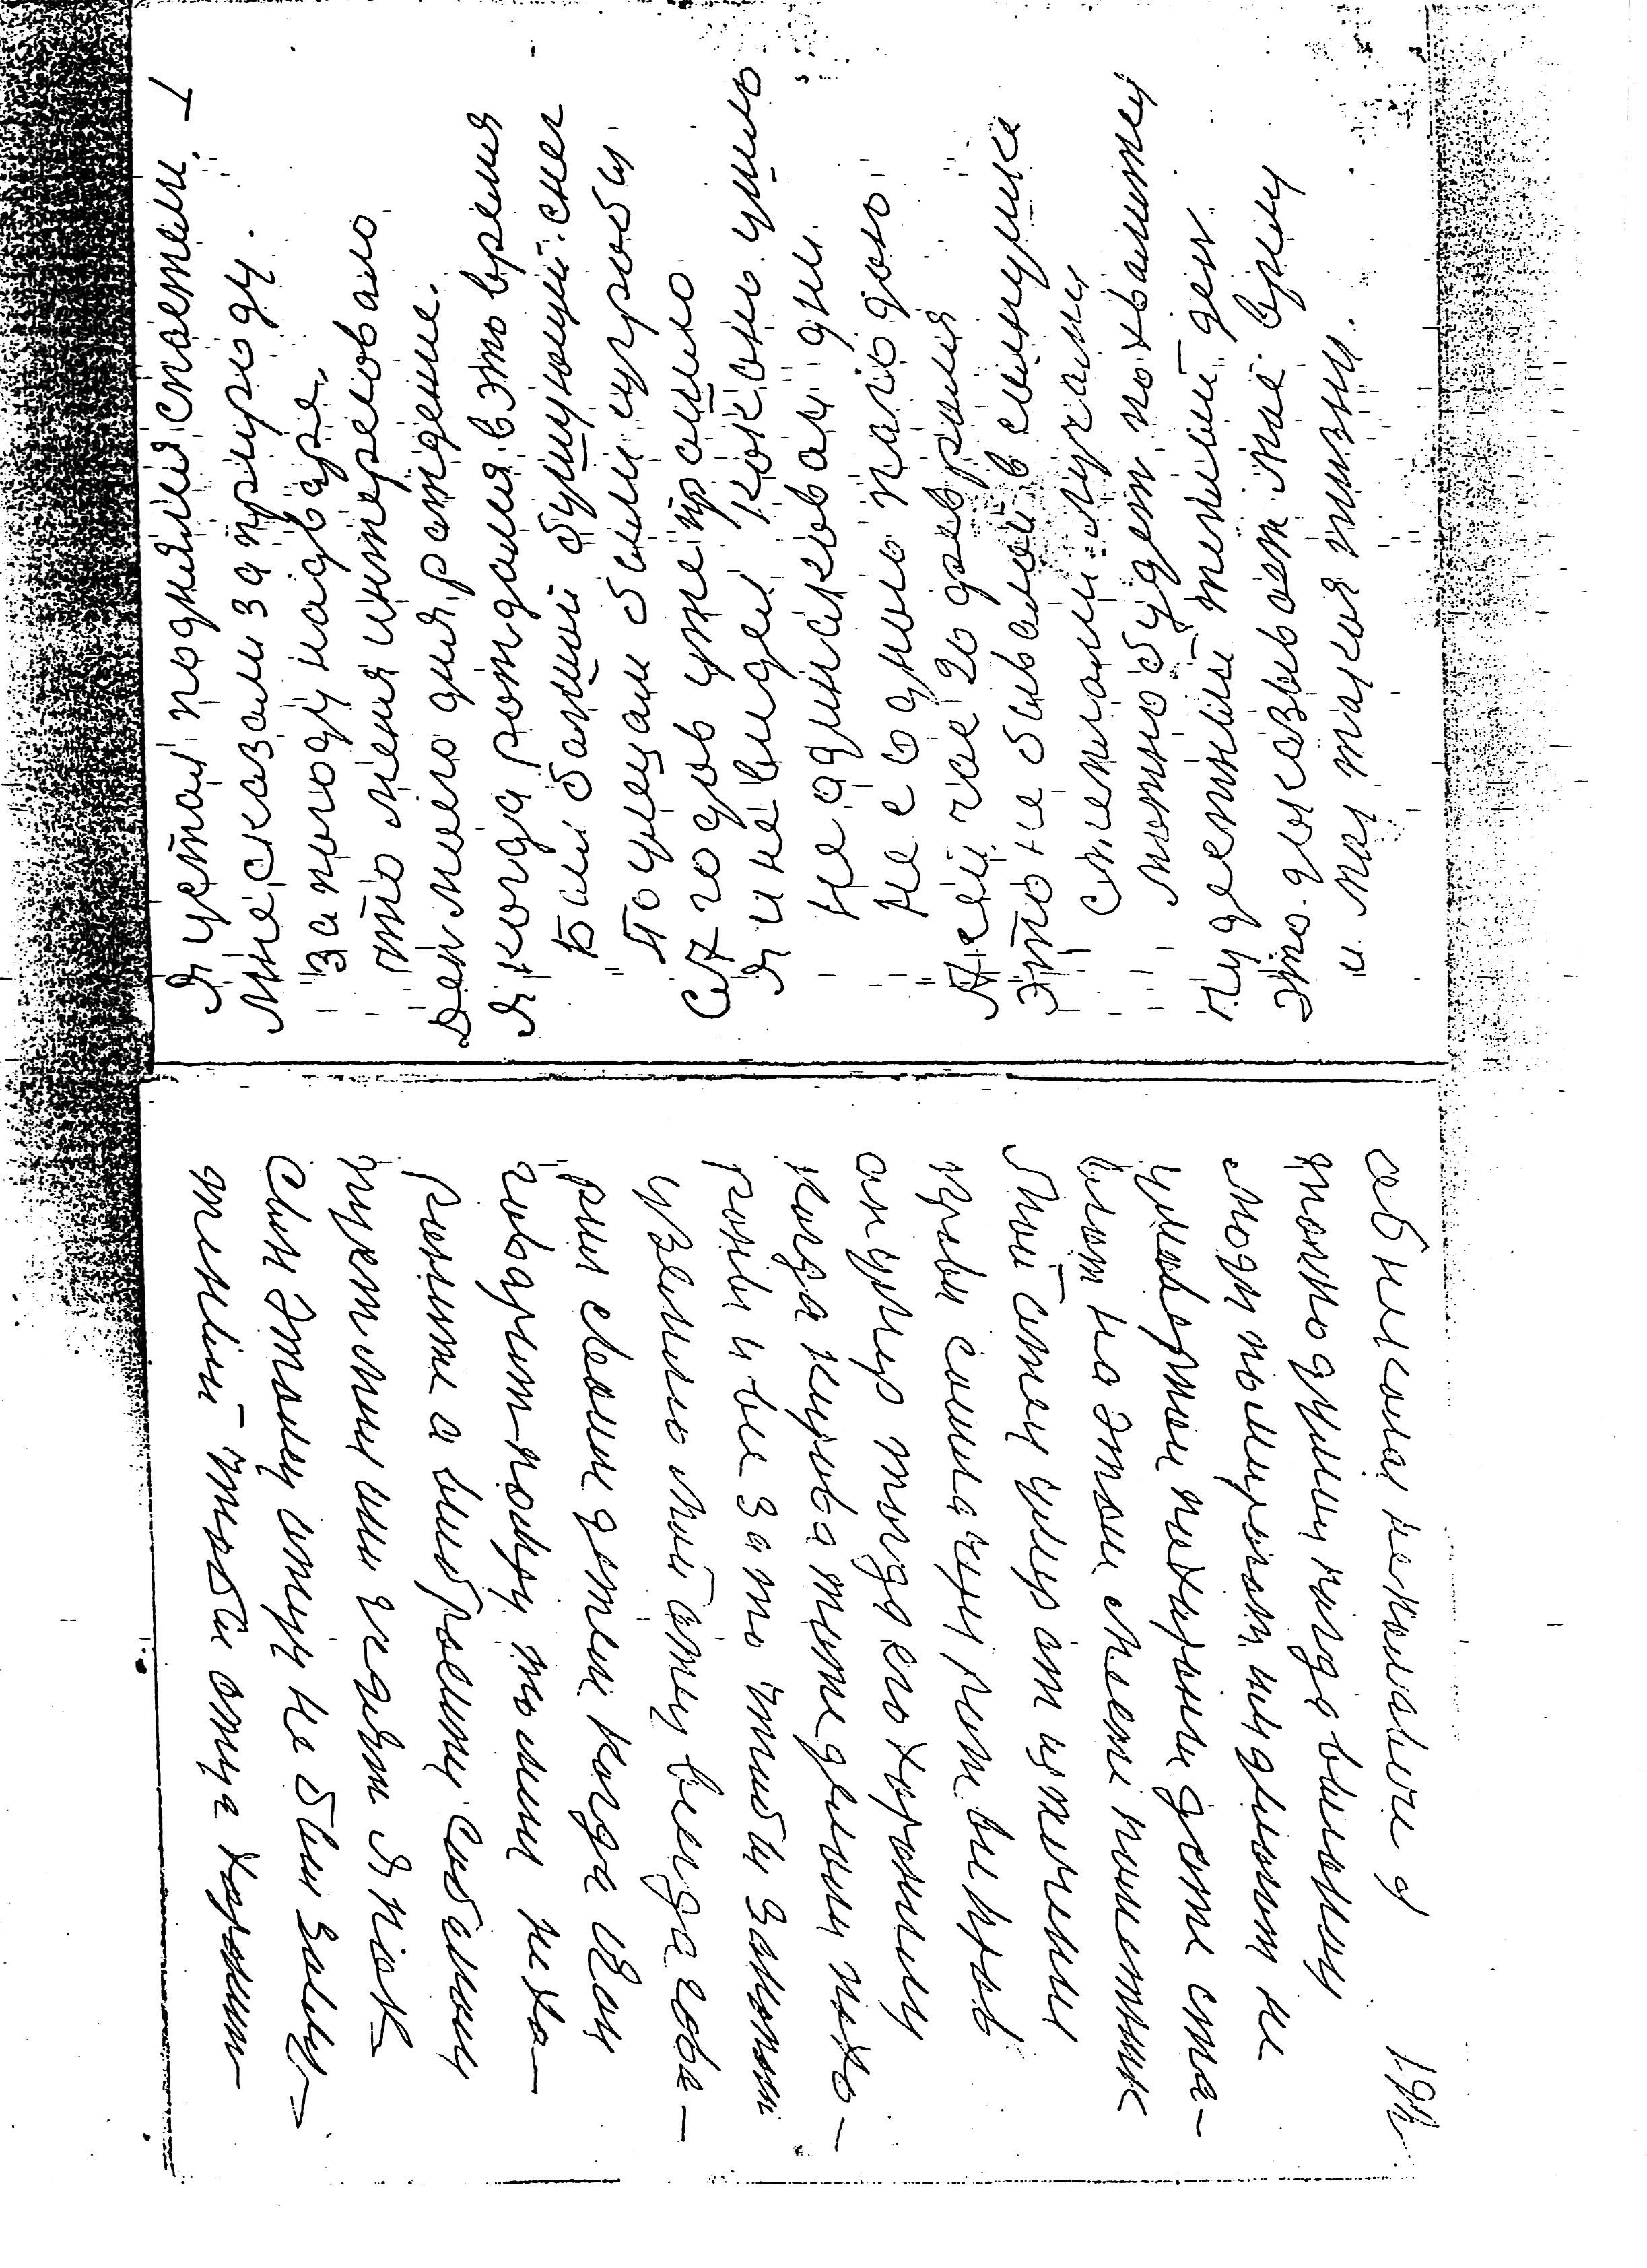 01-192.jpg